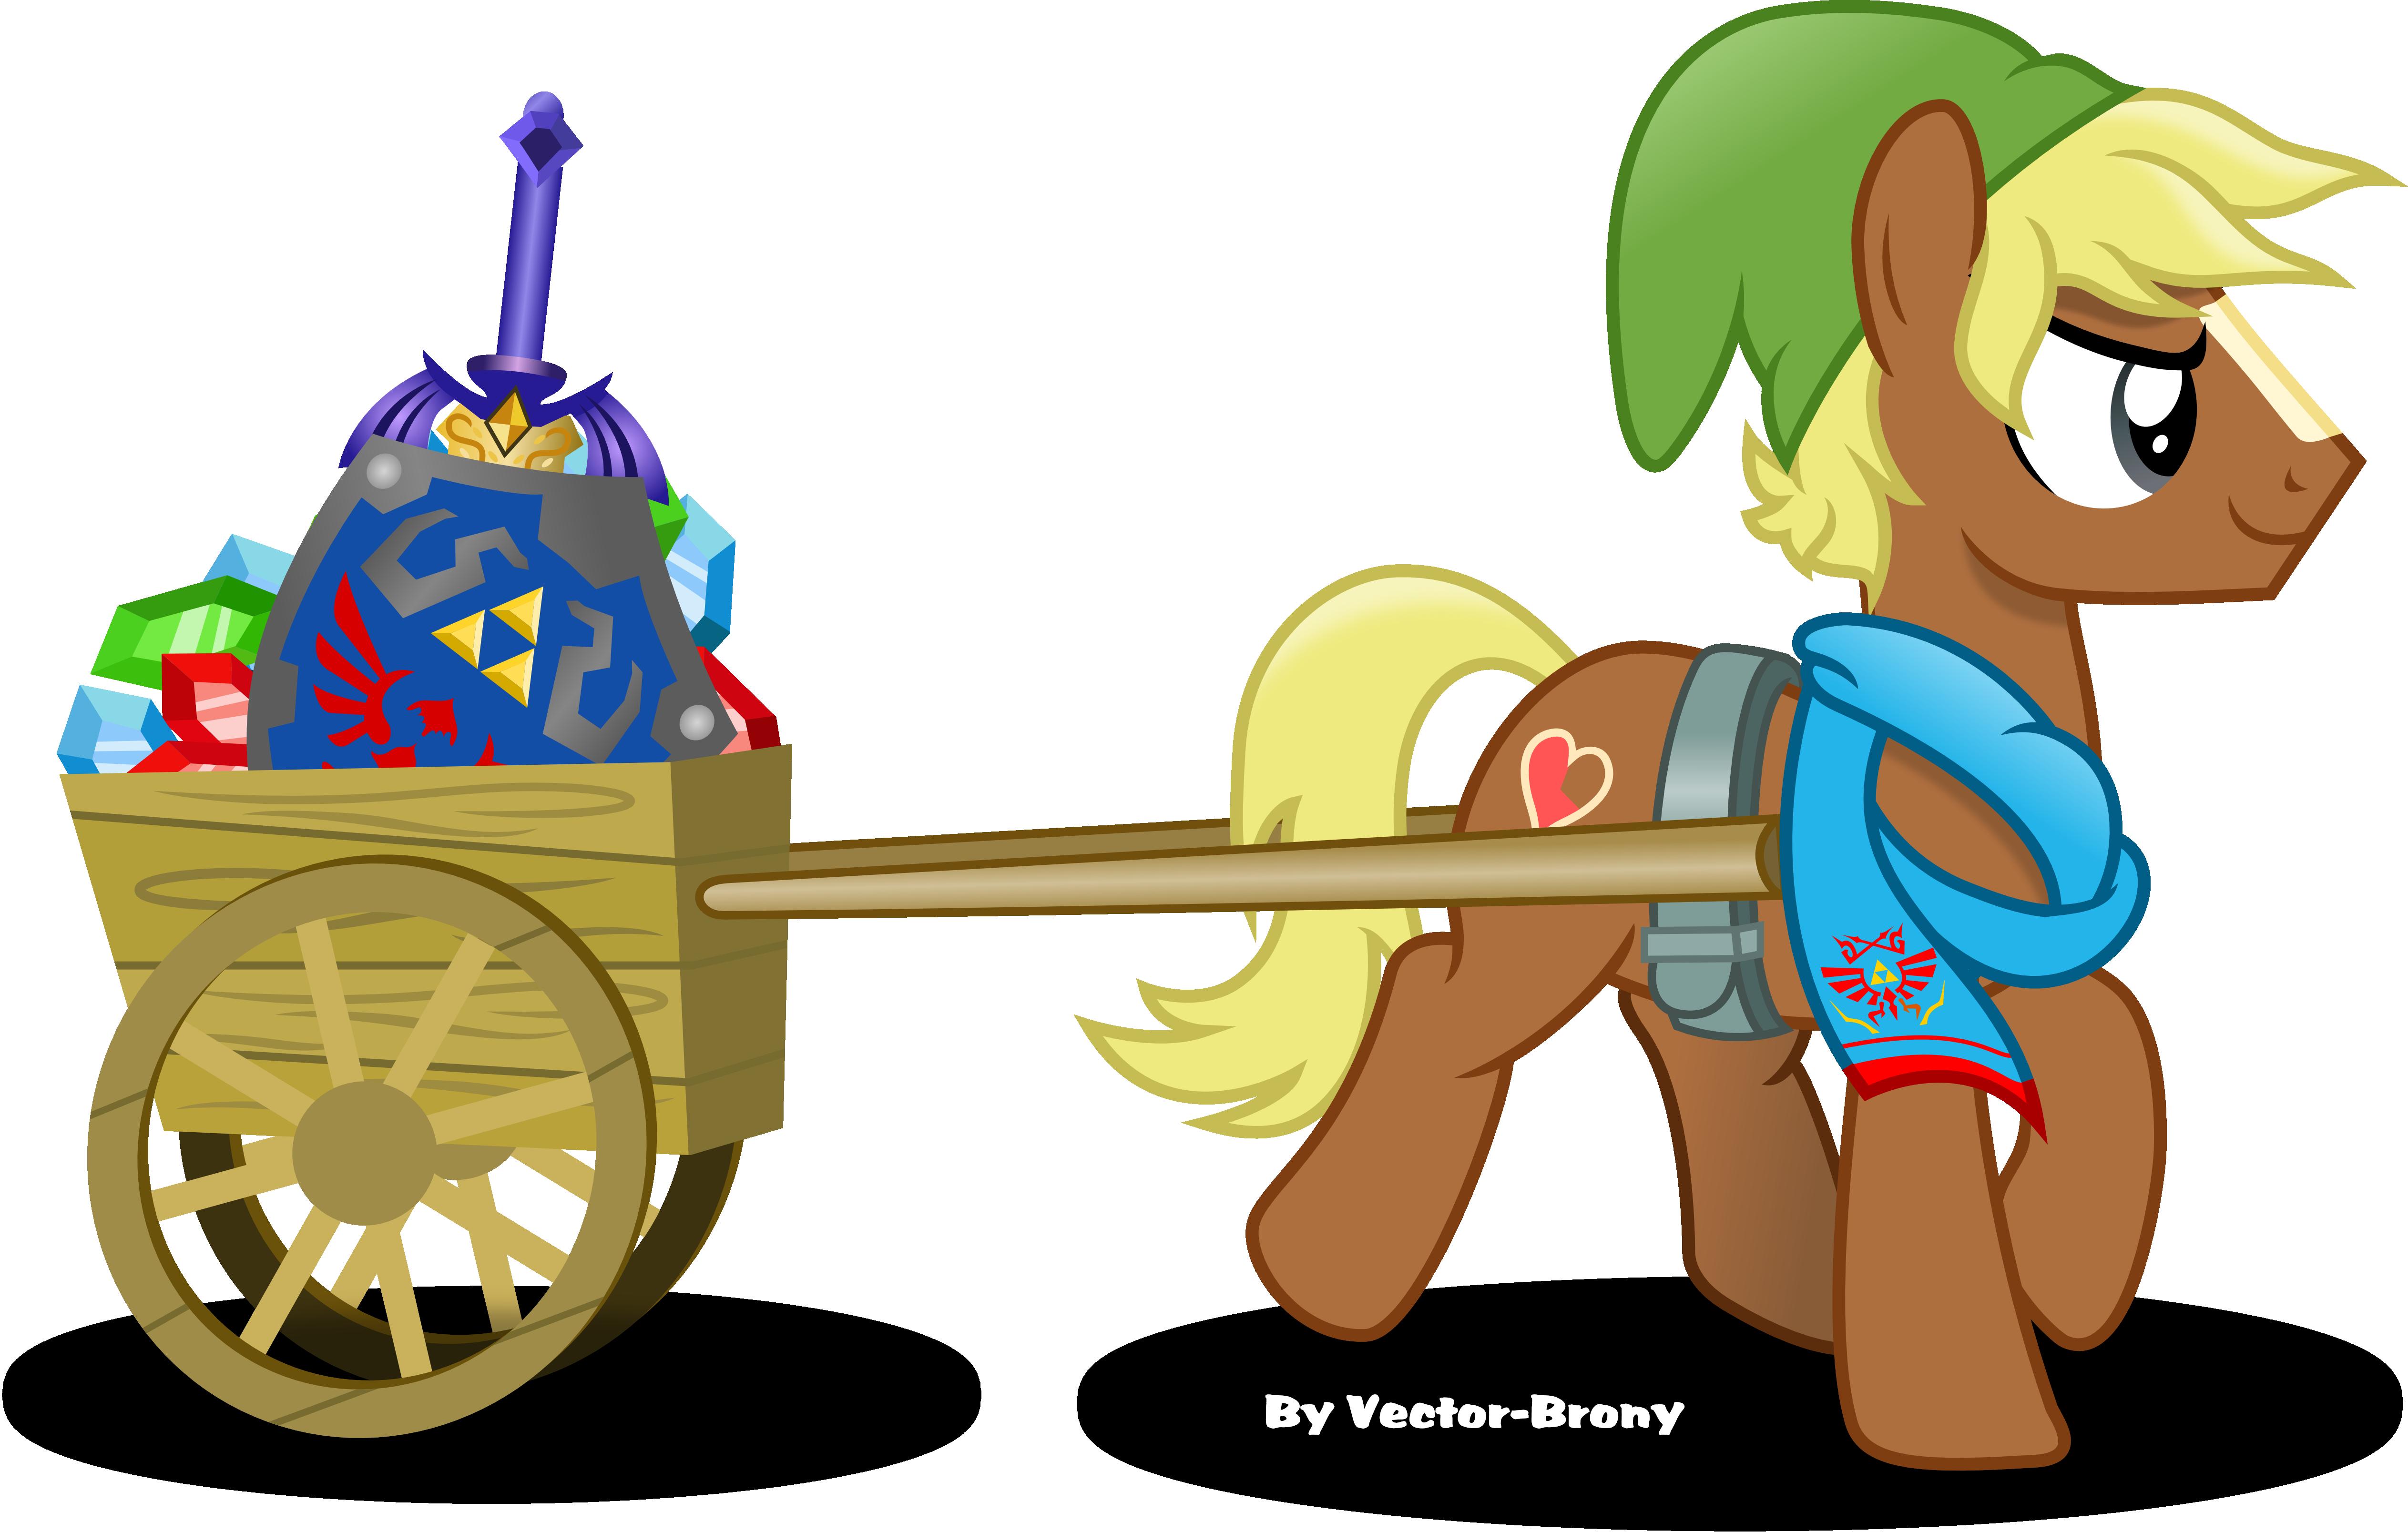 Background Ponies on My-Little-vectors - DeviantArt